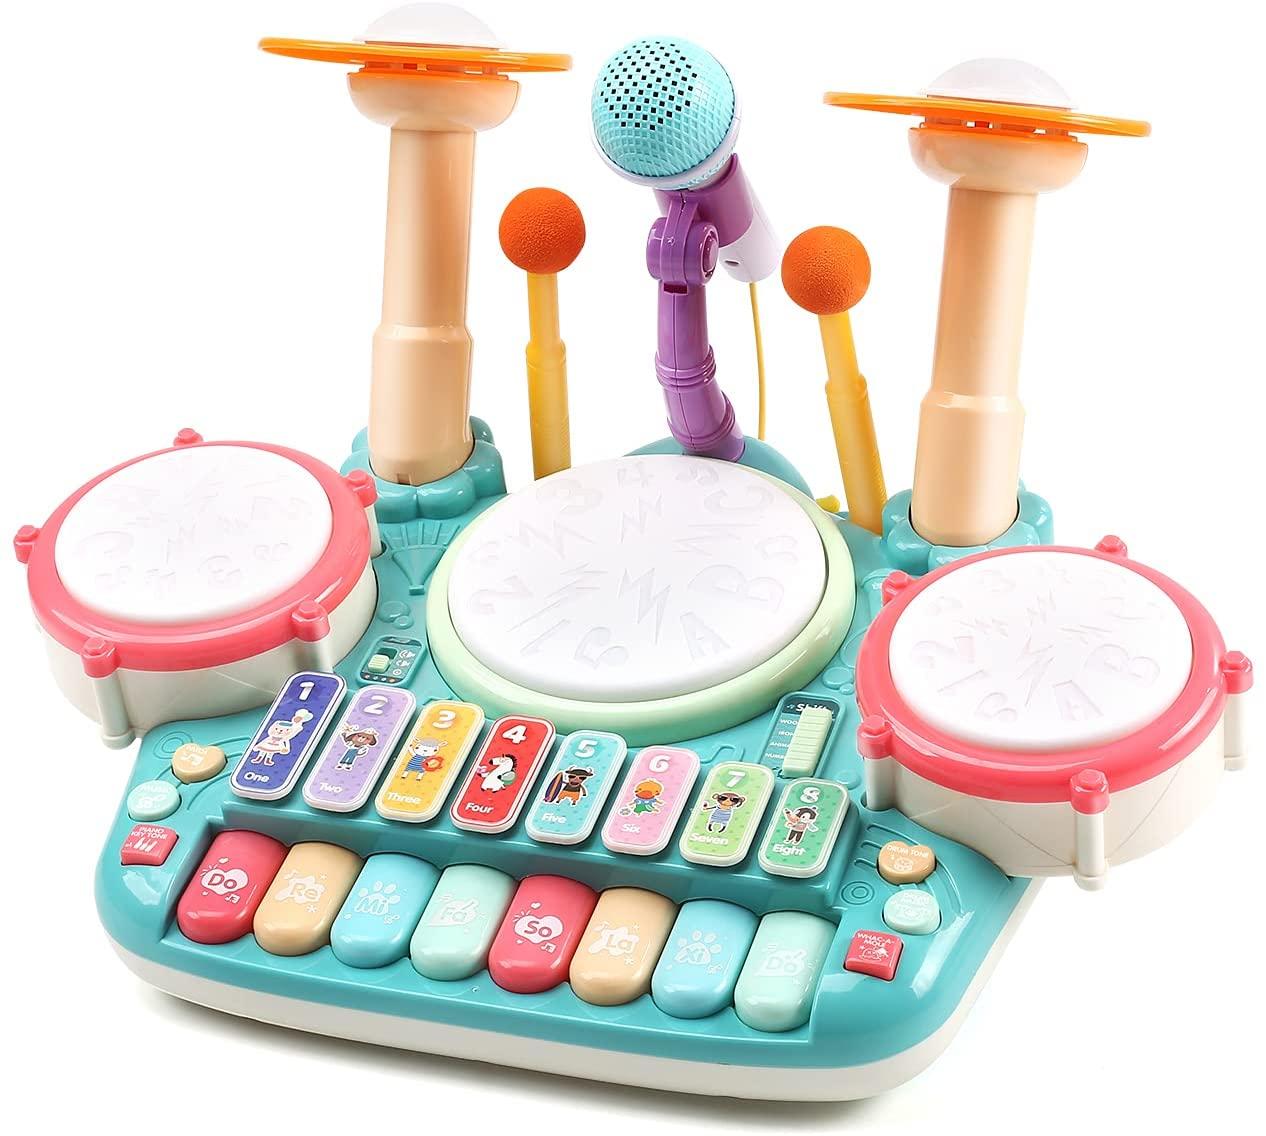 着後レビューで 送料無料 送料無料 音楽おもちゃ ドラムおもちゃ ピアノキーボード 電子 太鼓 鍵盤楽器の玩具 誕生日 5in1楽器玩具 ドラム 木琴 送料無料カード決済可能 マイク2個付き ドウムギター 早期開発 知育玩具 男女通用 女の子 キーボード 男の子 音楽ライト 多機能 ギフト 親子で楽しむ 贈り物